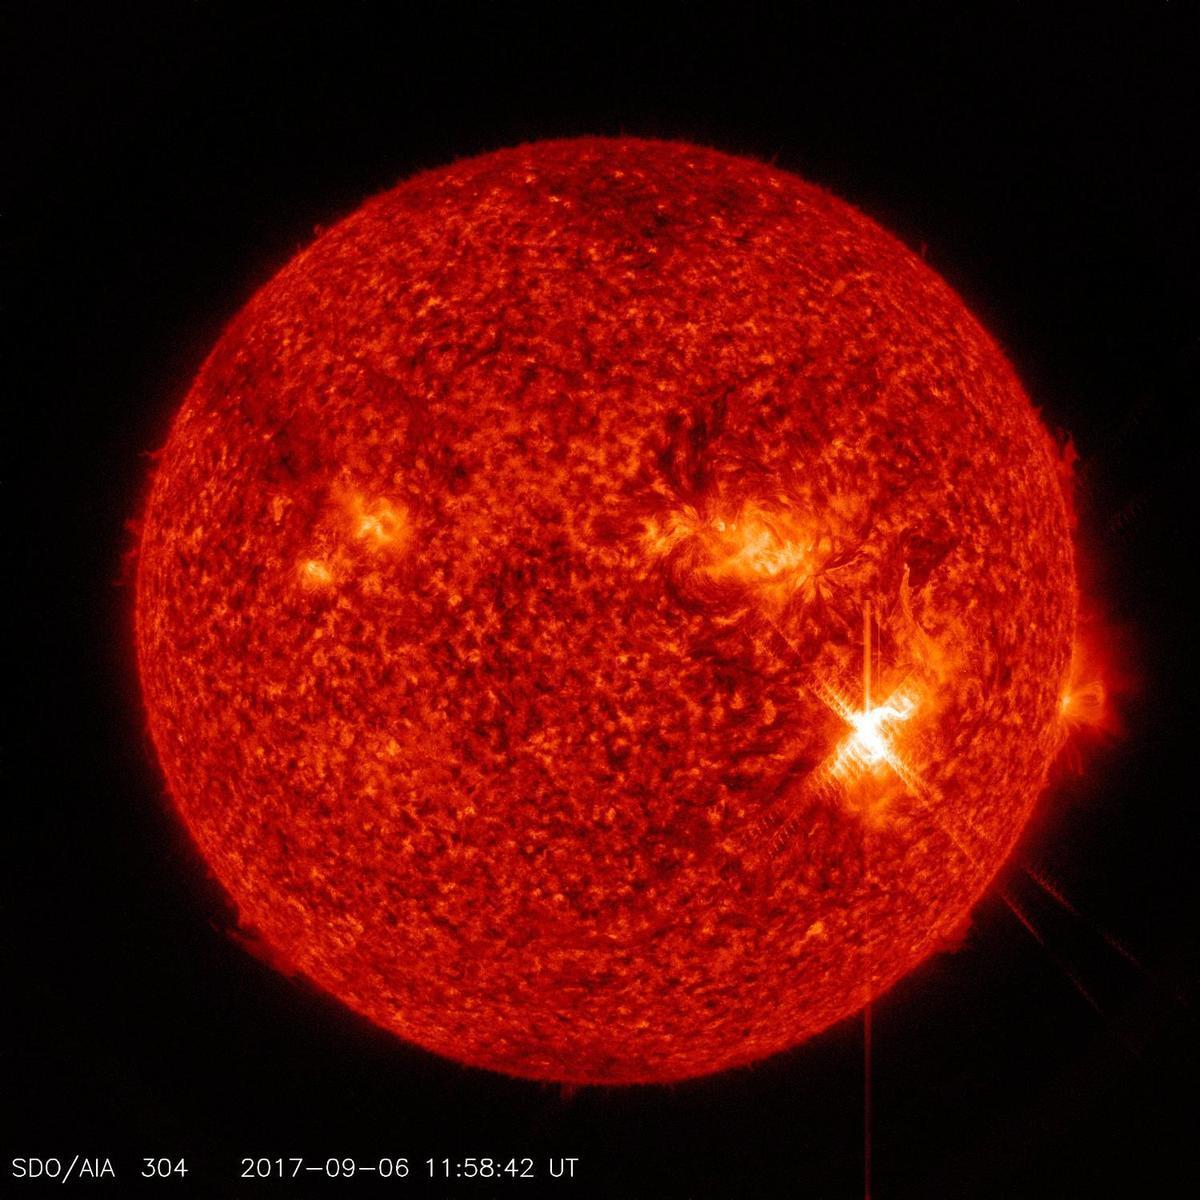 美東時間2017年9月6日清晨8點時分,太陽能量大爆發(大耀斑)的靜態圖像。(NASA/Goddard/SDO)